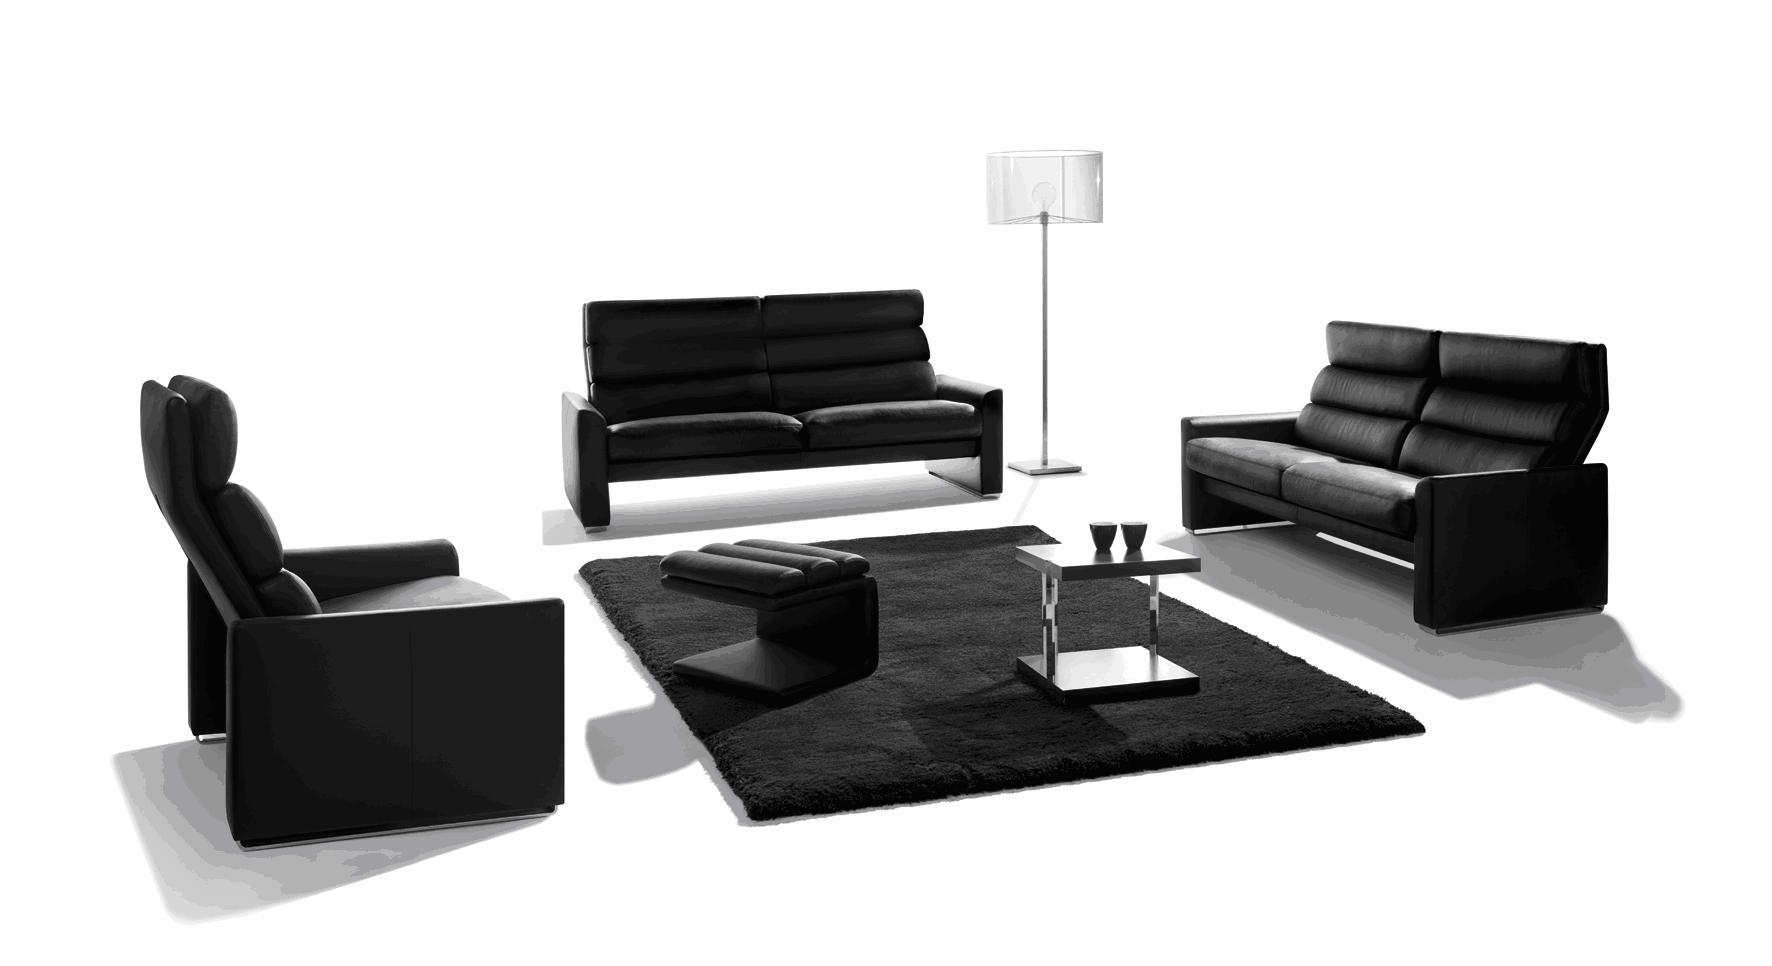 soho von erpo ein statement f r gehobene sitzkultur. Black Bedroom Furniture Sets. Home Design Ideas